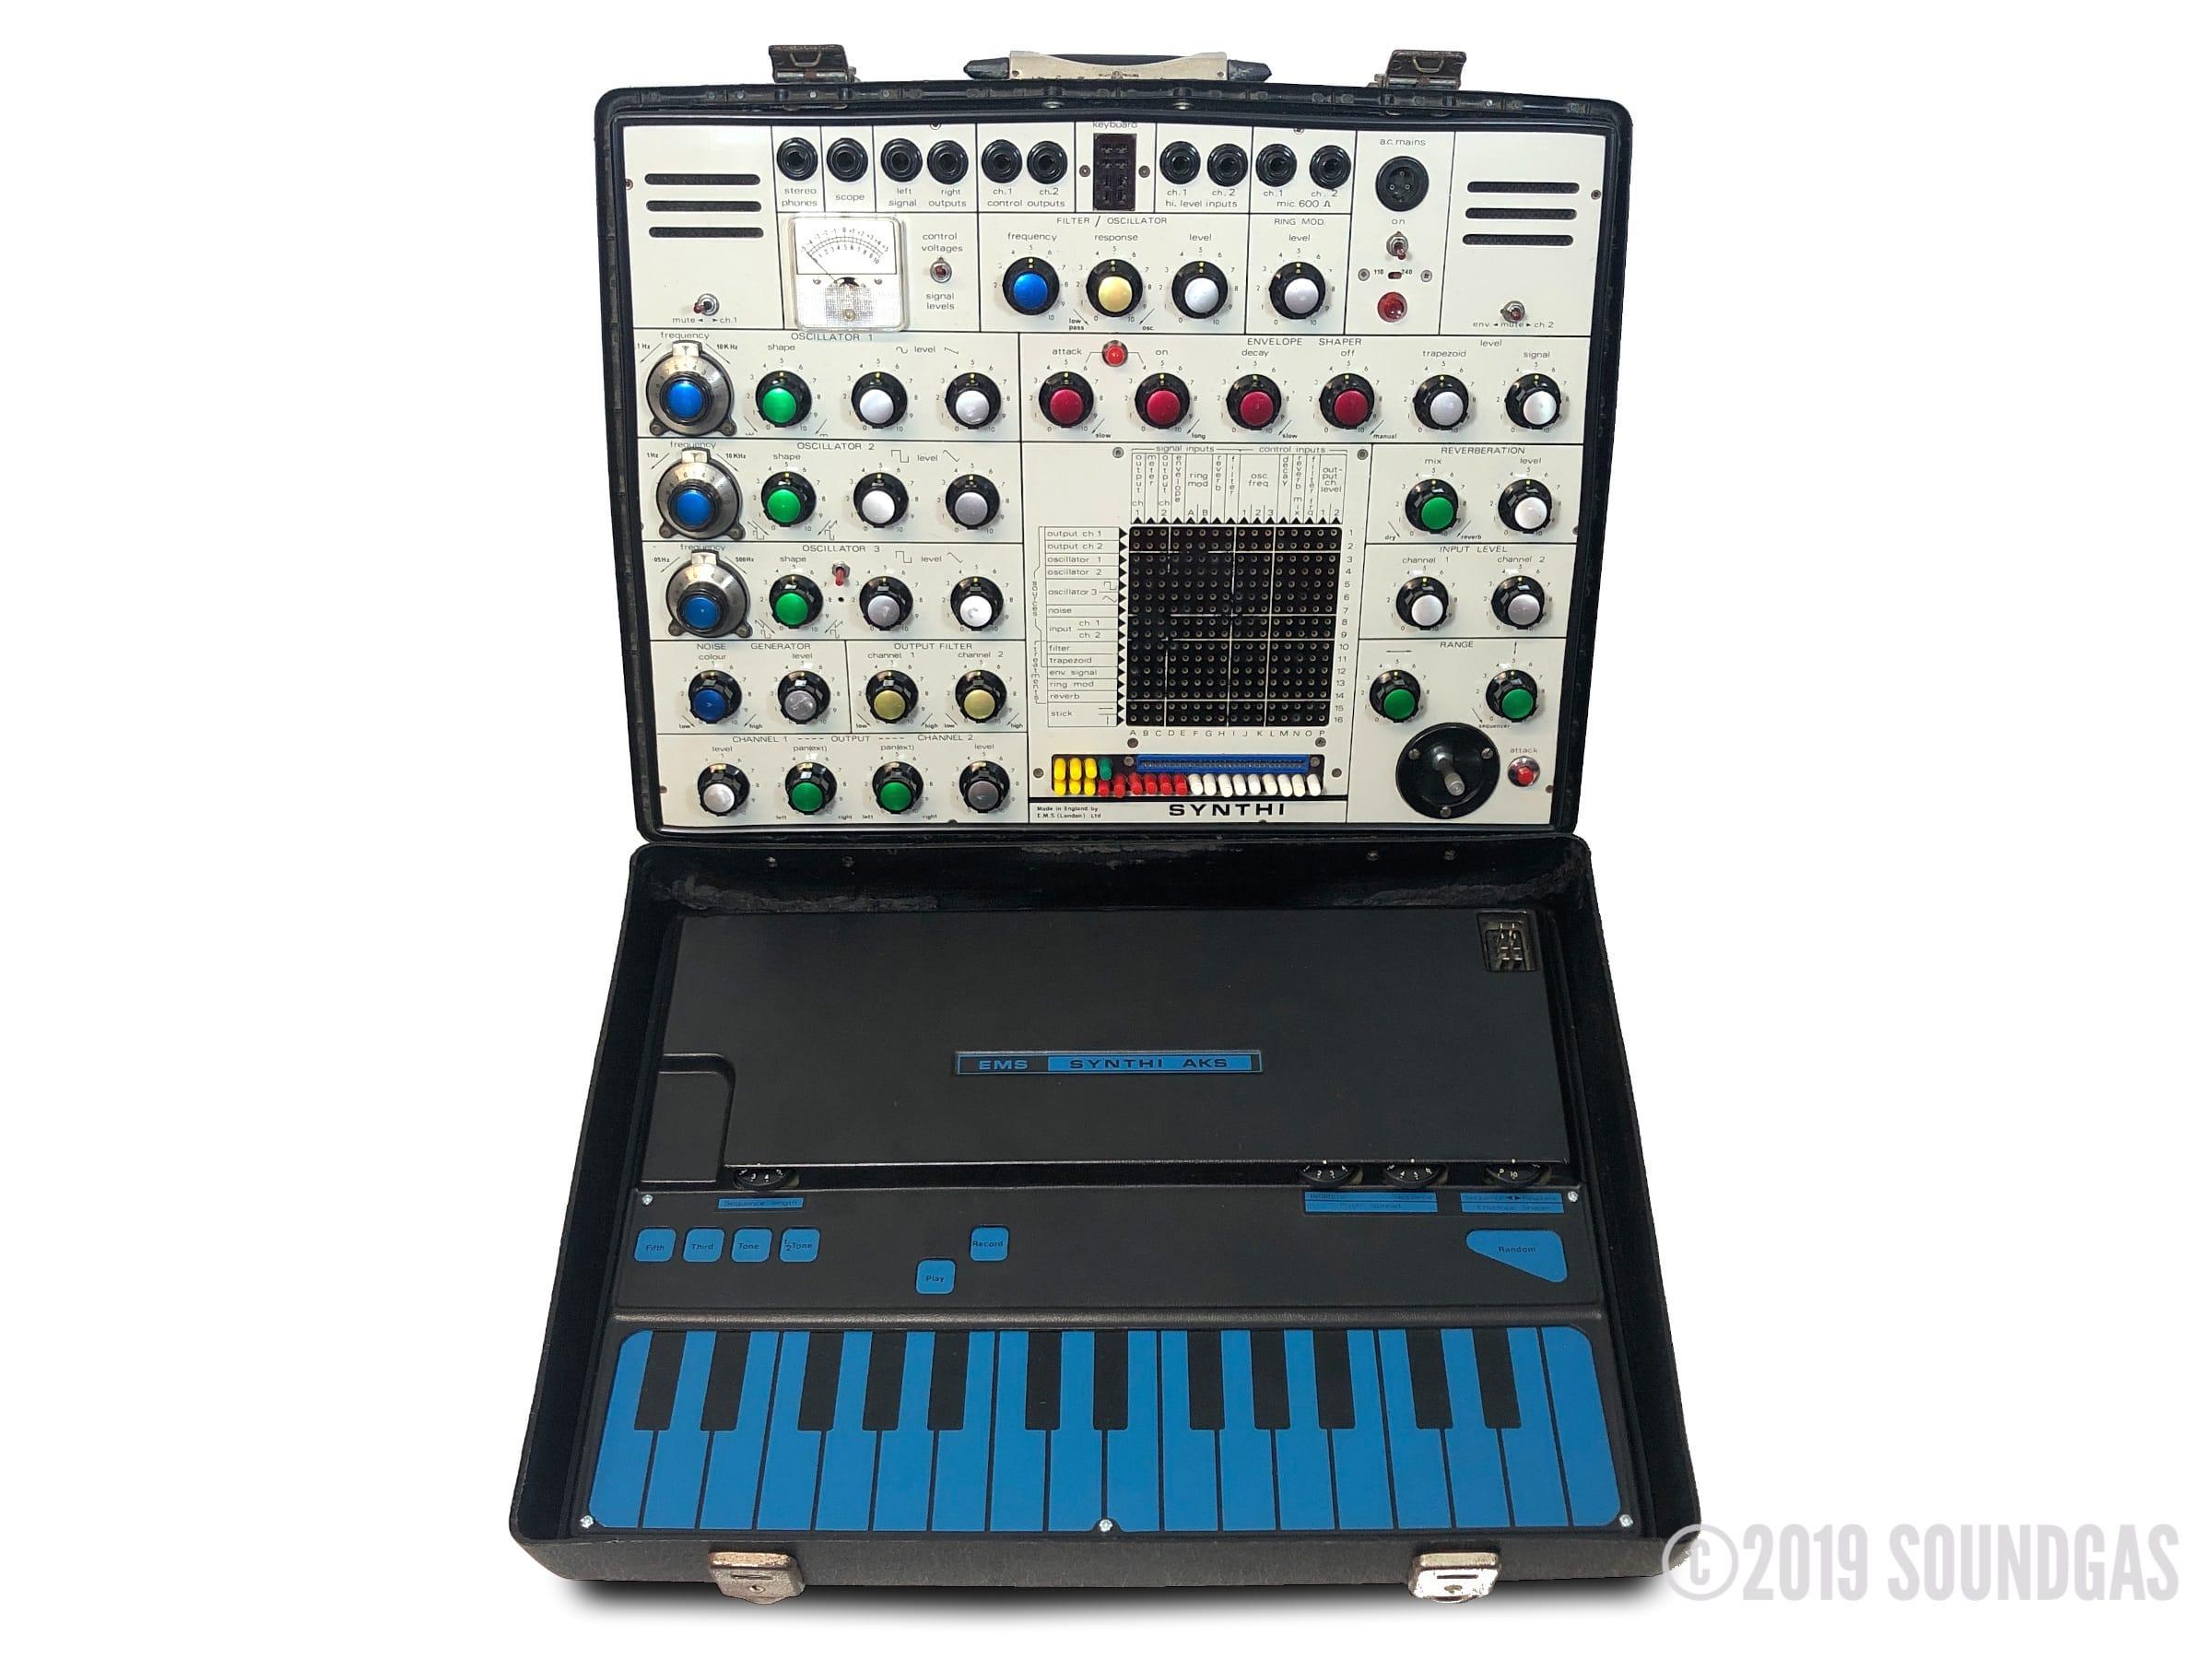 EMS-Synthi-AKS-Analog-Synthesizer-SN4741-Cover-2